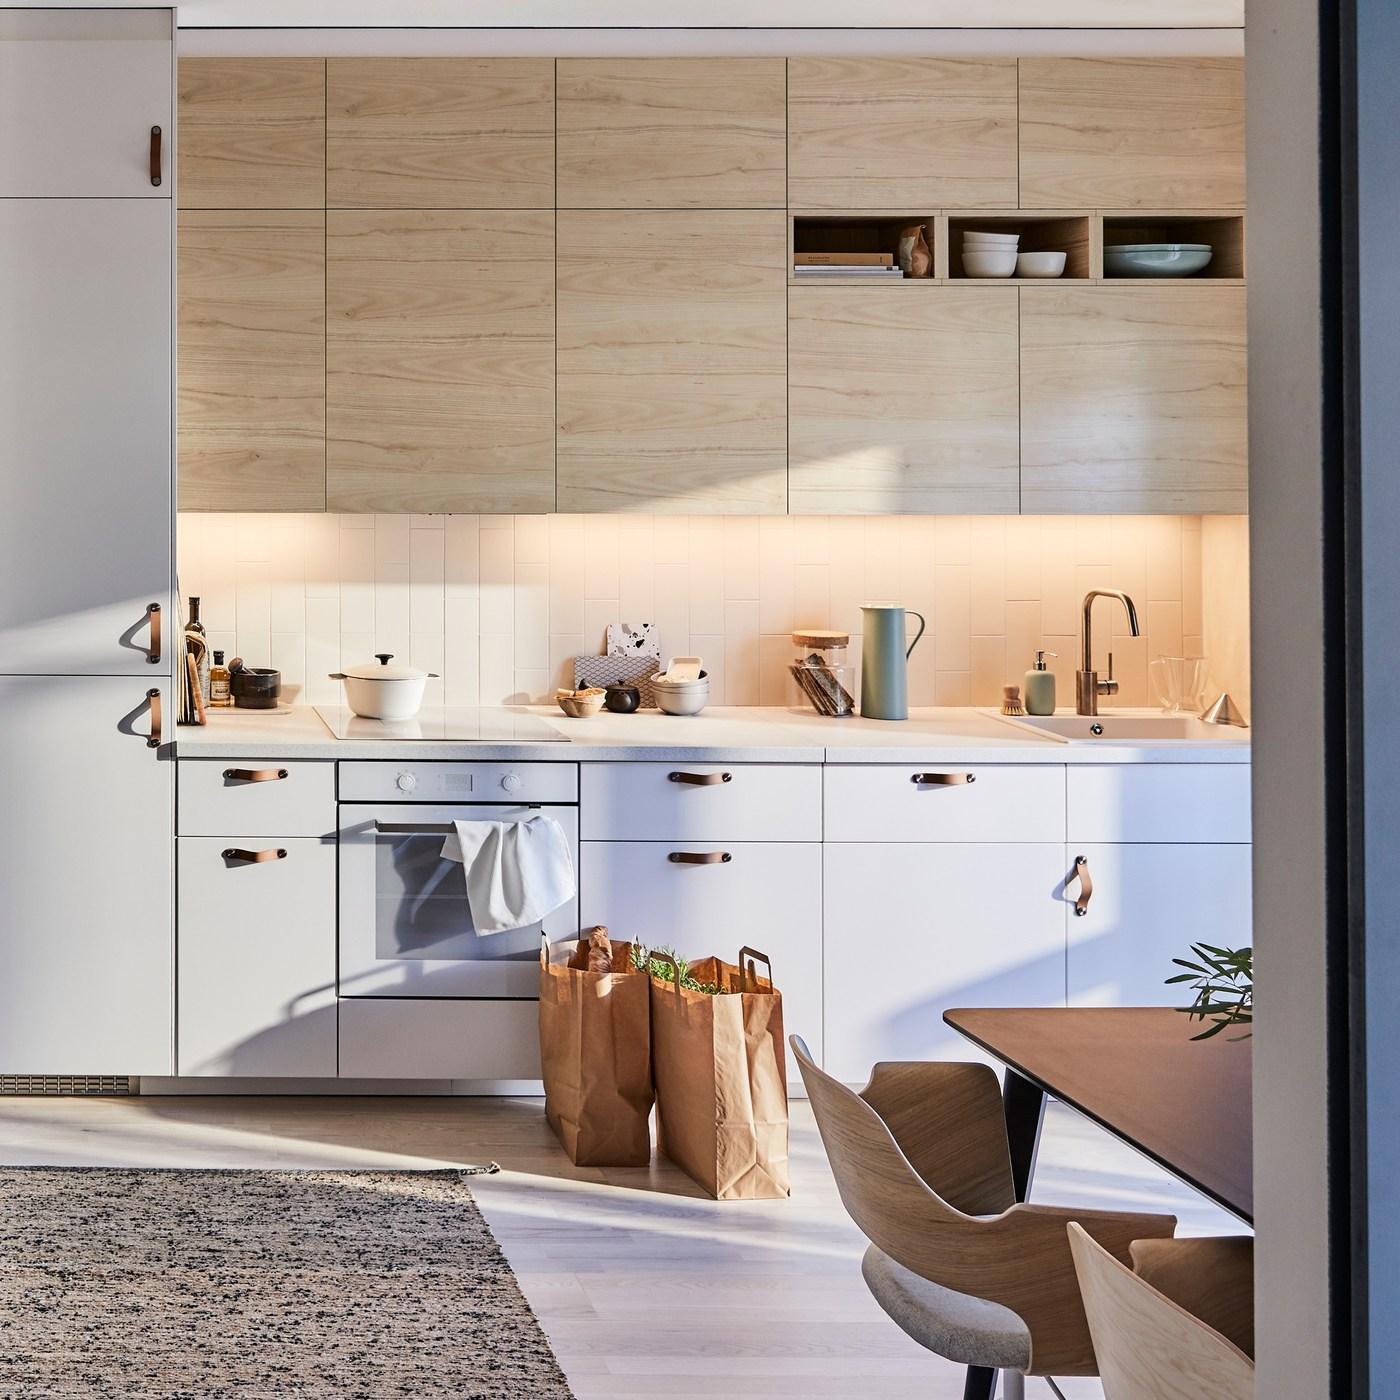 ASKERSUND/アスケルスンド 扉前部ペア(アッシュカラー)を付けたIKEA METOD/メトード キッチンは、ジュートとウールで織られたMELHOLT/メルホルト平織りラグとよくなじみます。禅をイメージした効率的なキッチンが完成します。